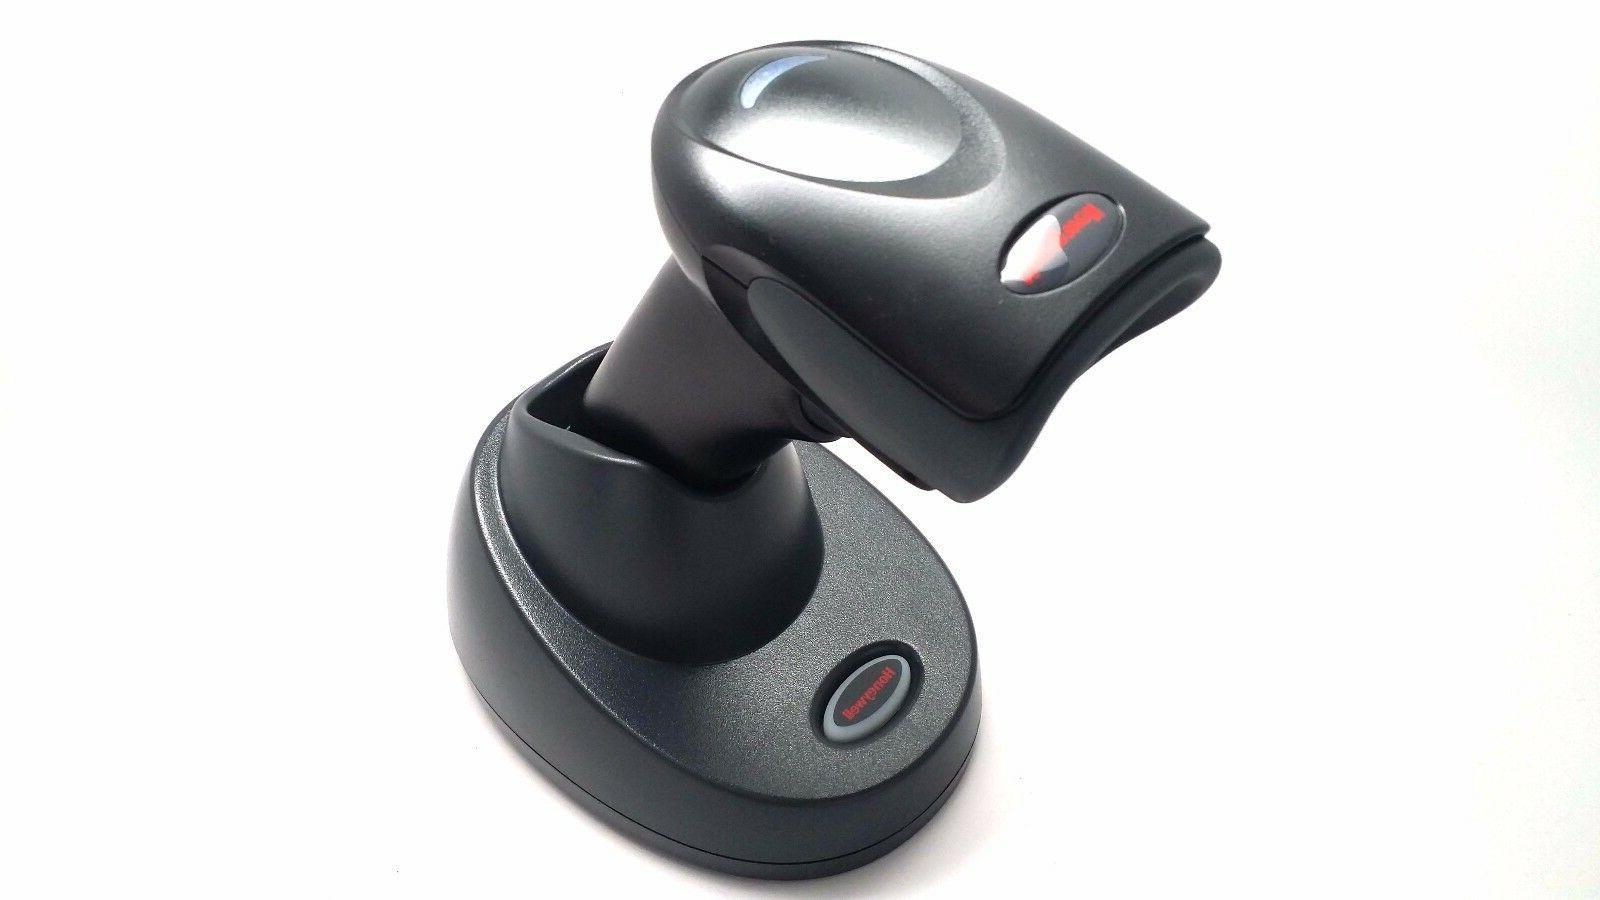 2d wireless area imaging scanner